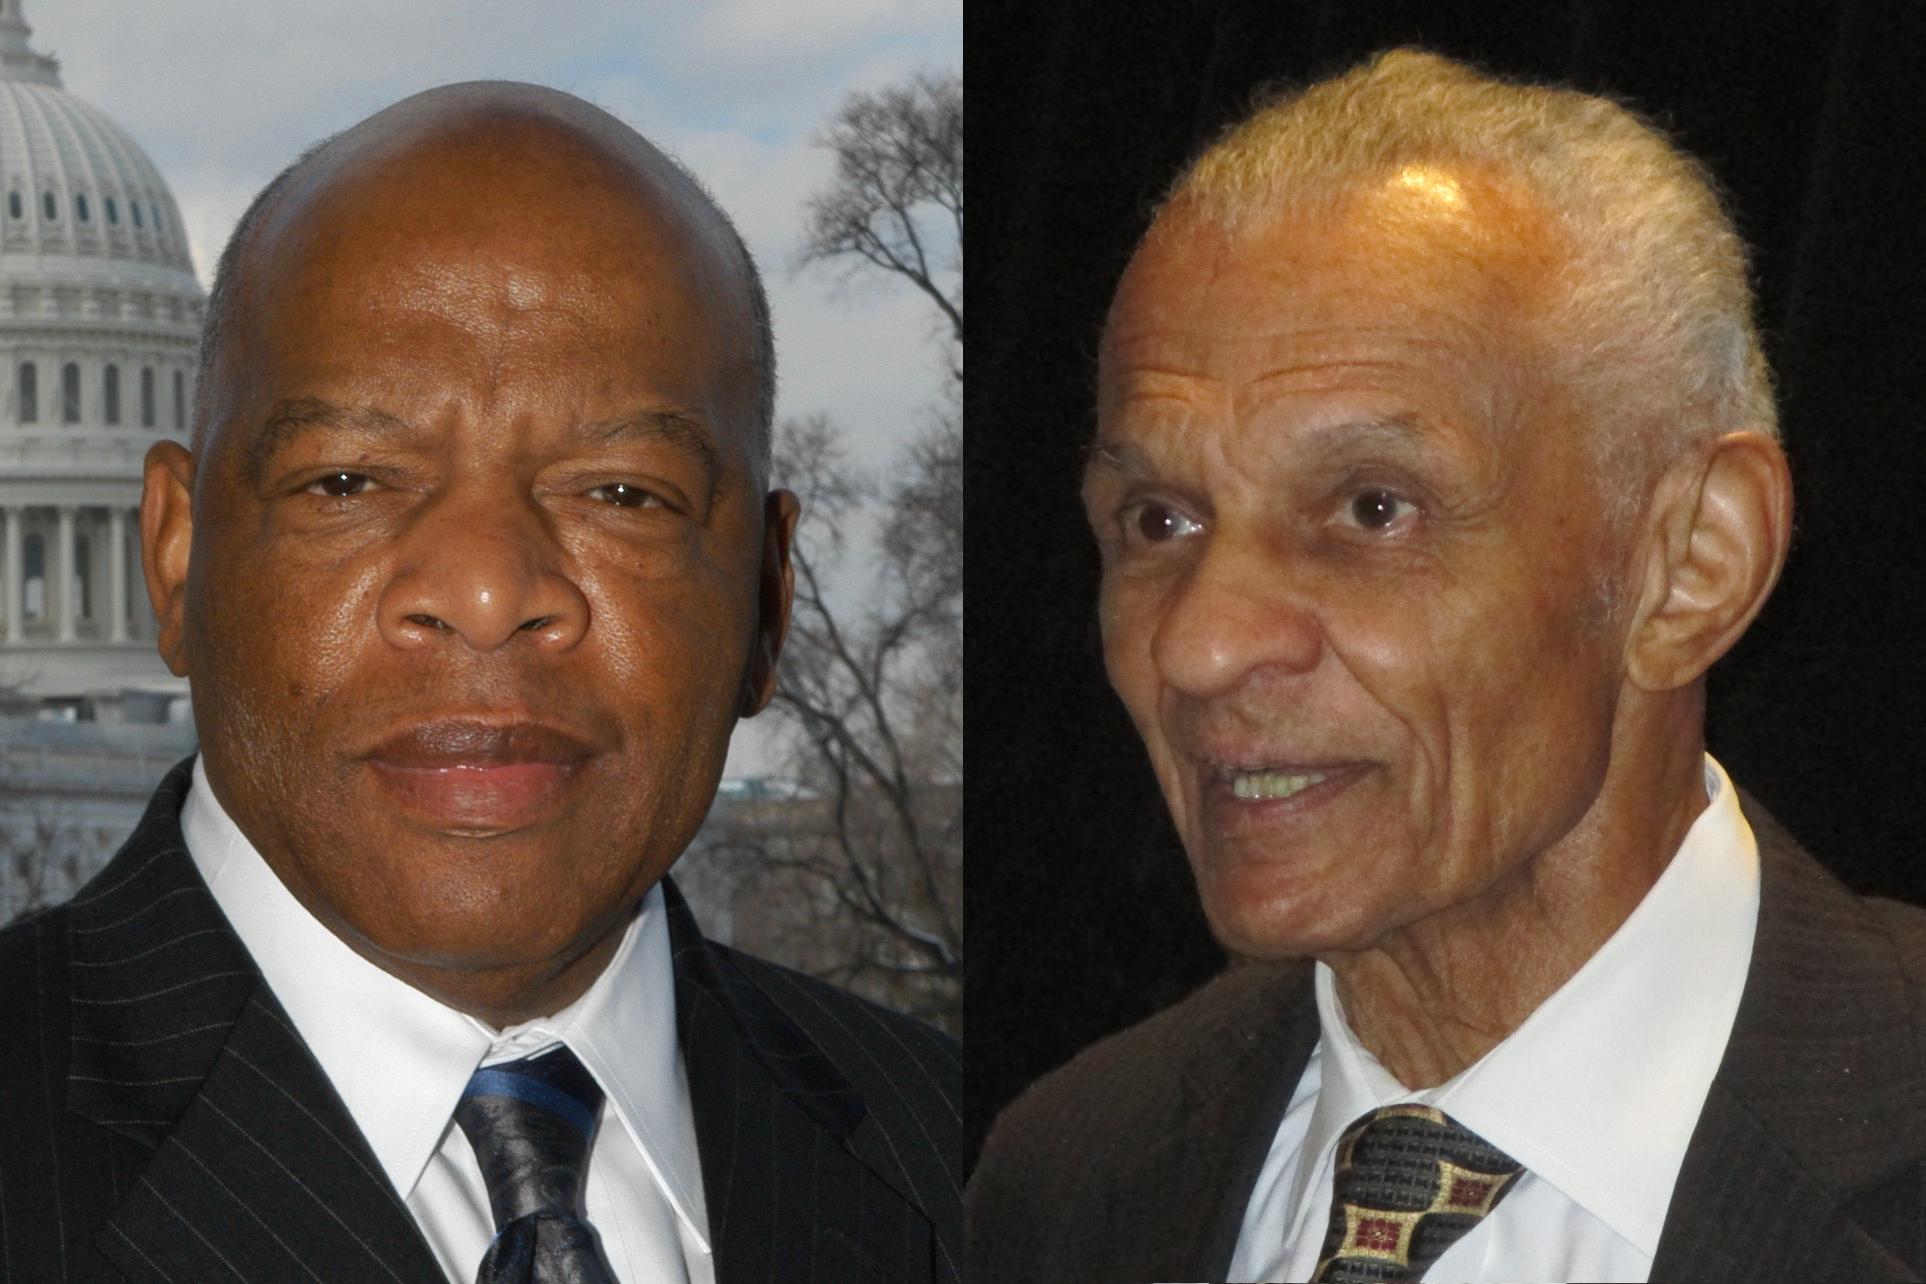 John Lewis and C.T. Vivian.